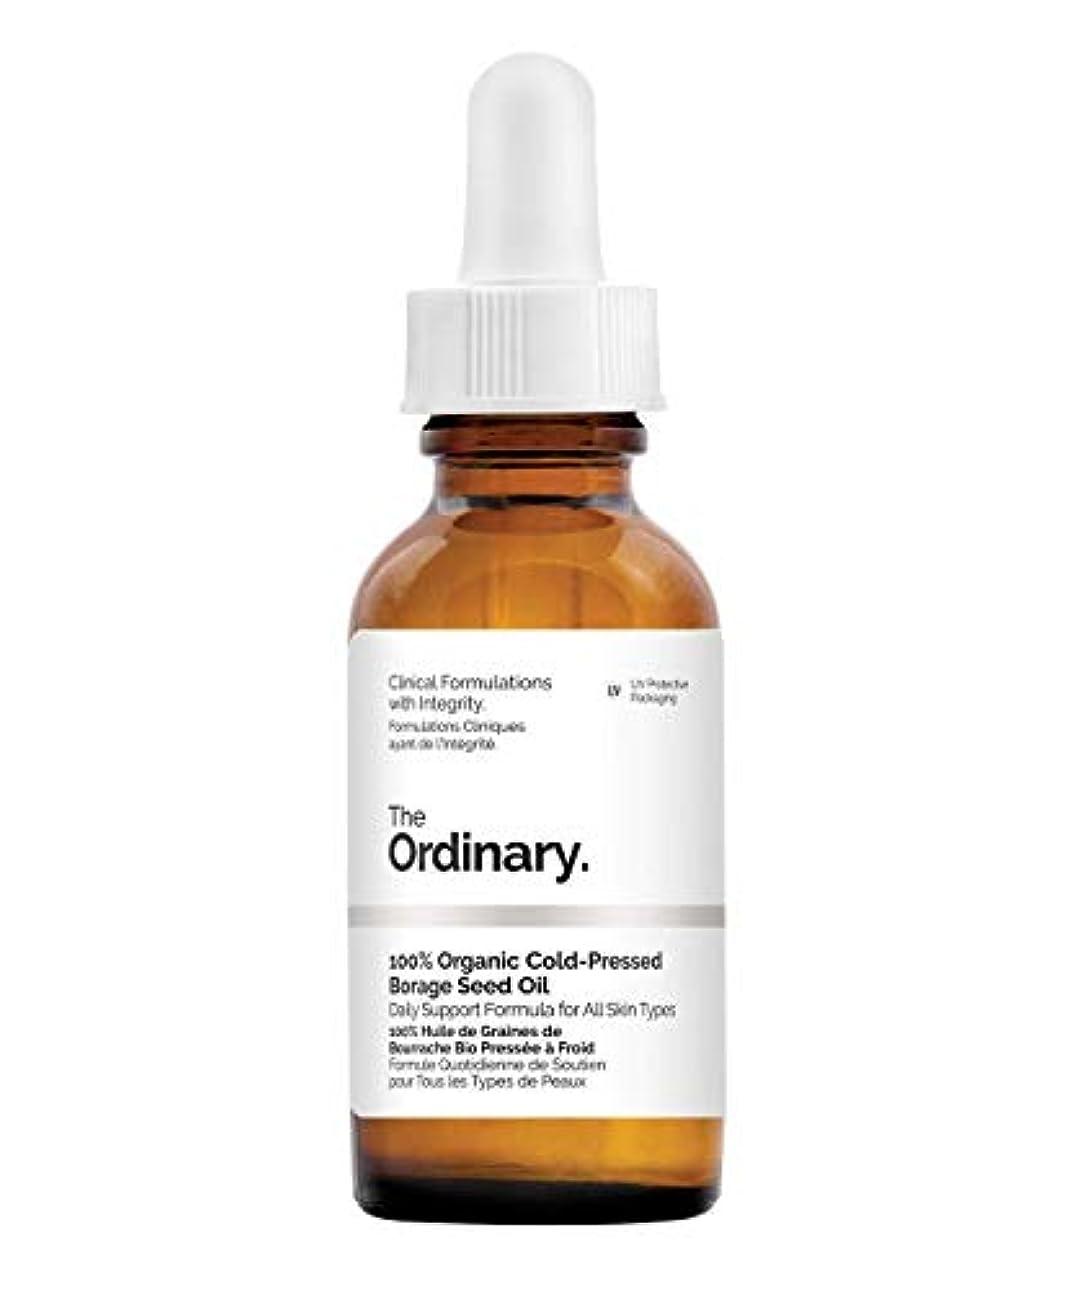 交差点抑止する革命The Ordinary 100% Organic Cold-Pressed Borage Seed Oil 30ml